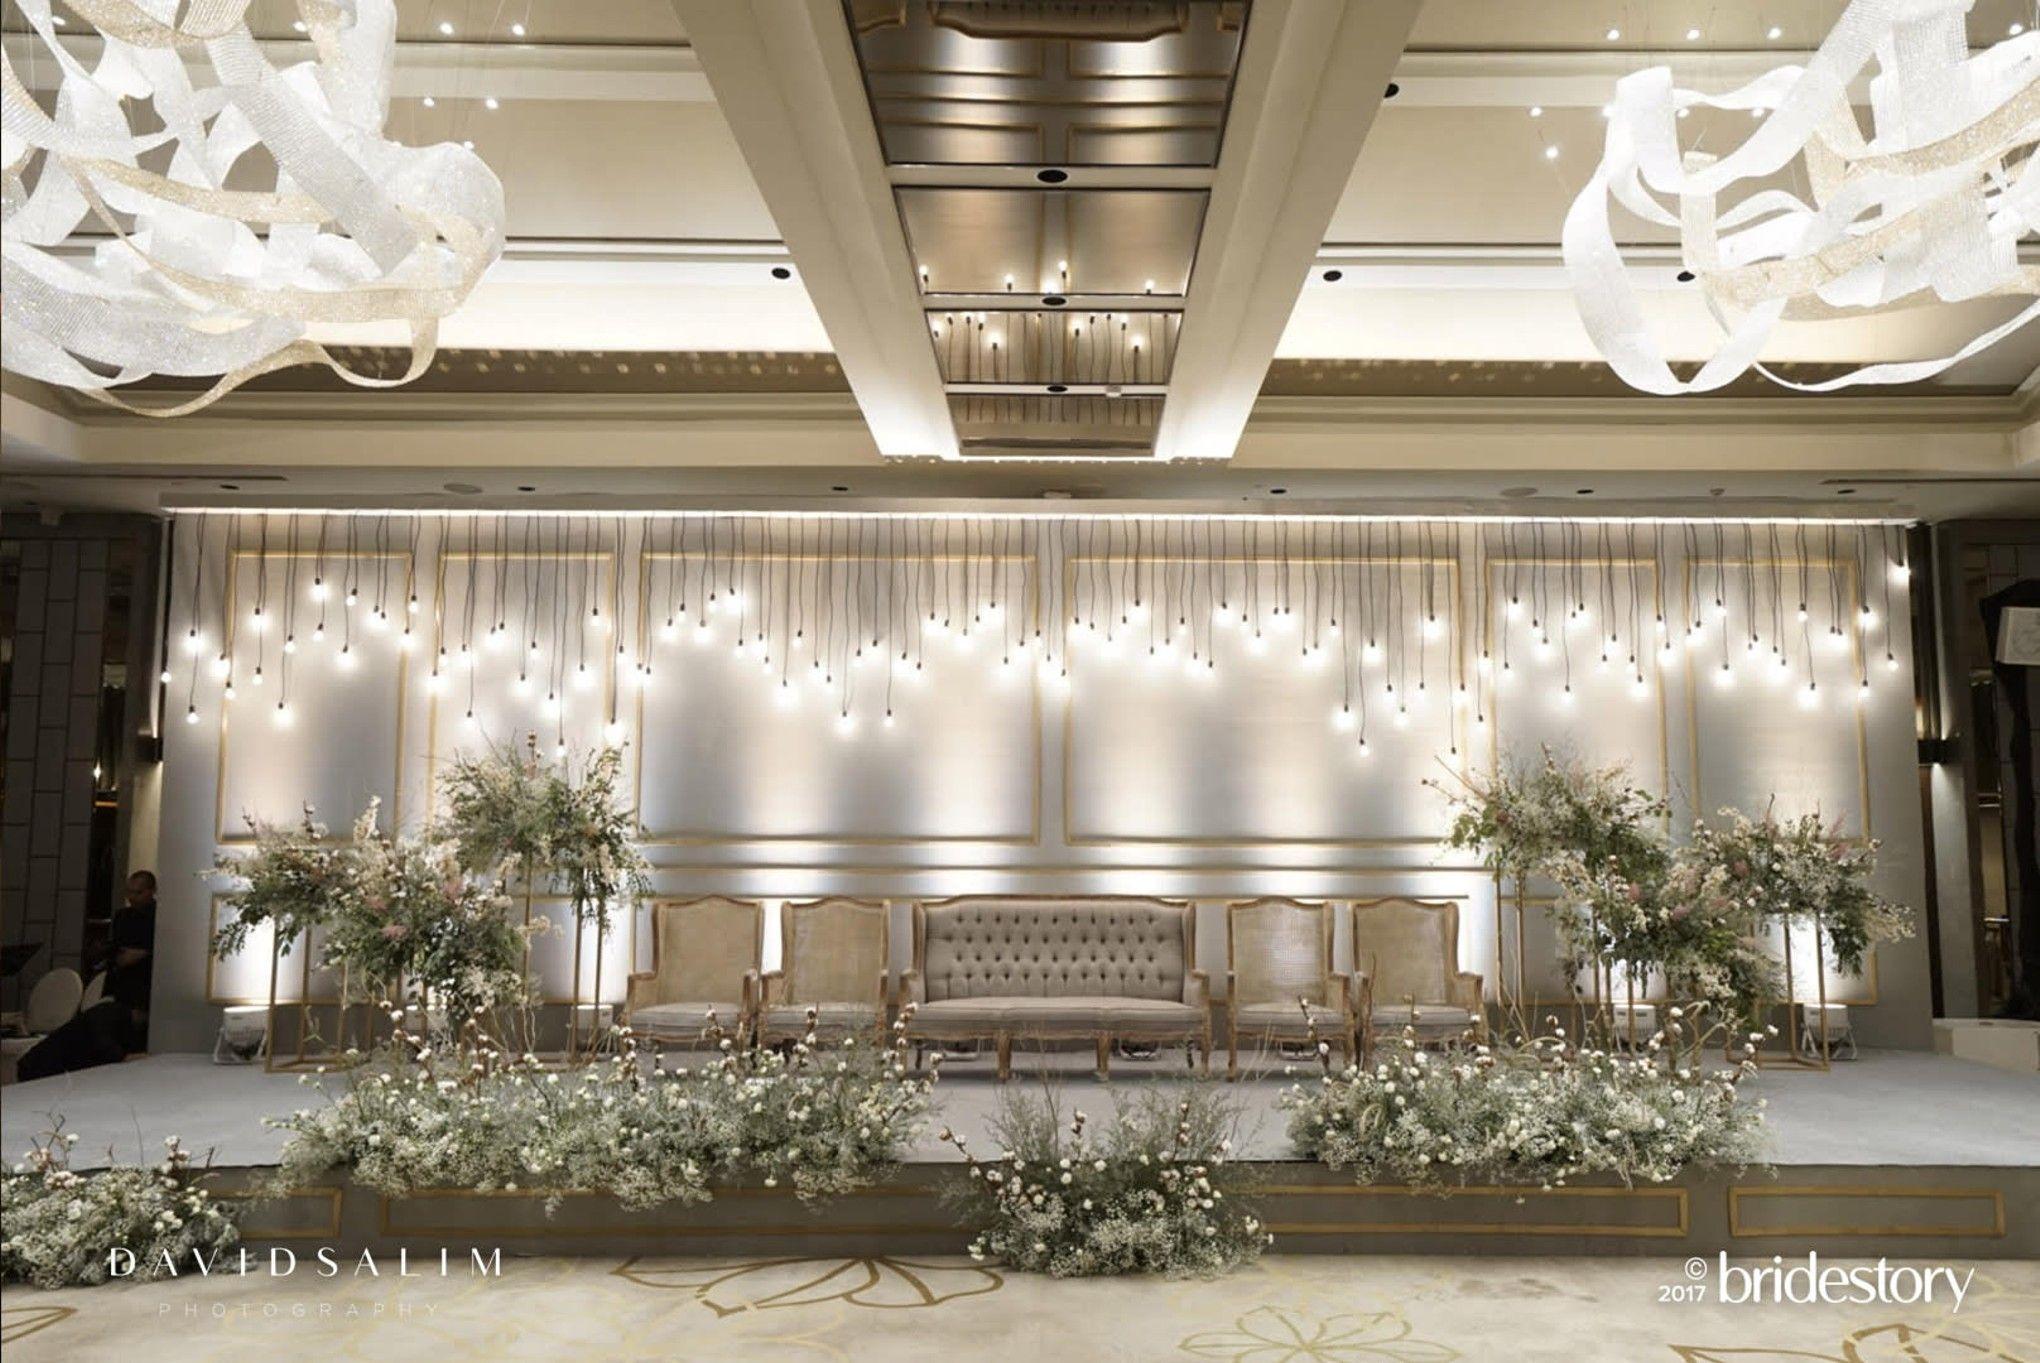 Eksklusif! Pernikahan Raisa dan Hamish: Album Foto Acara Resepsi Pernikahan Malam Hari - Bridestory Blog